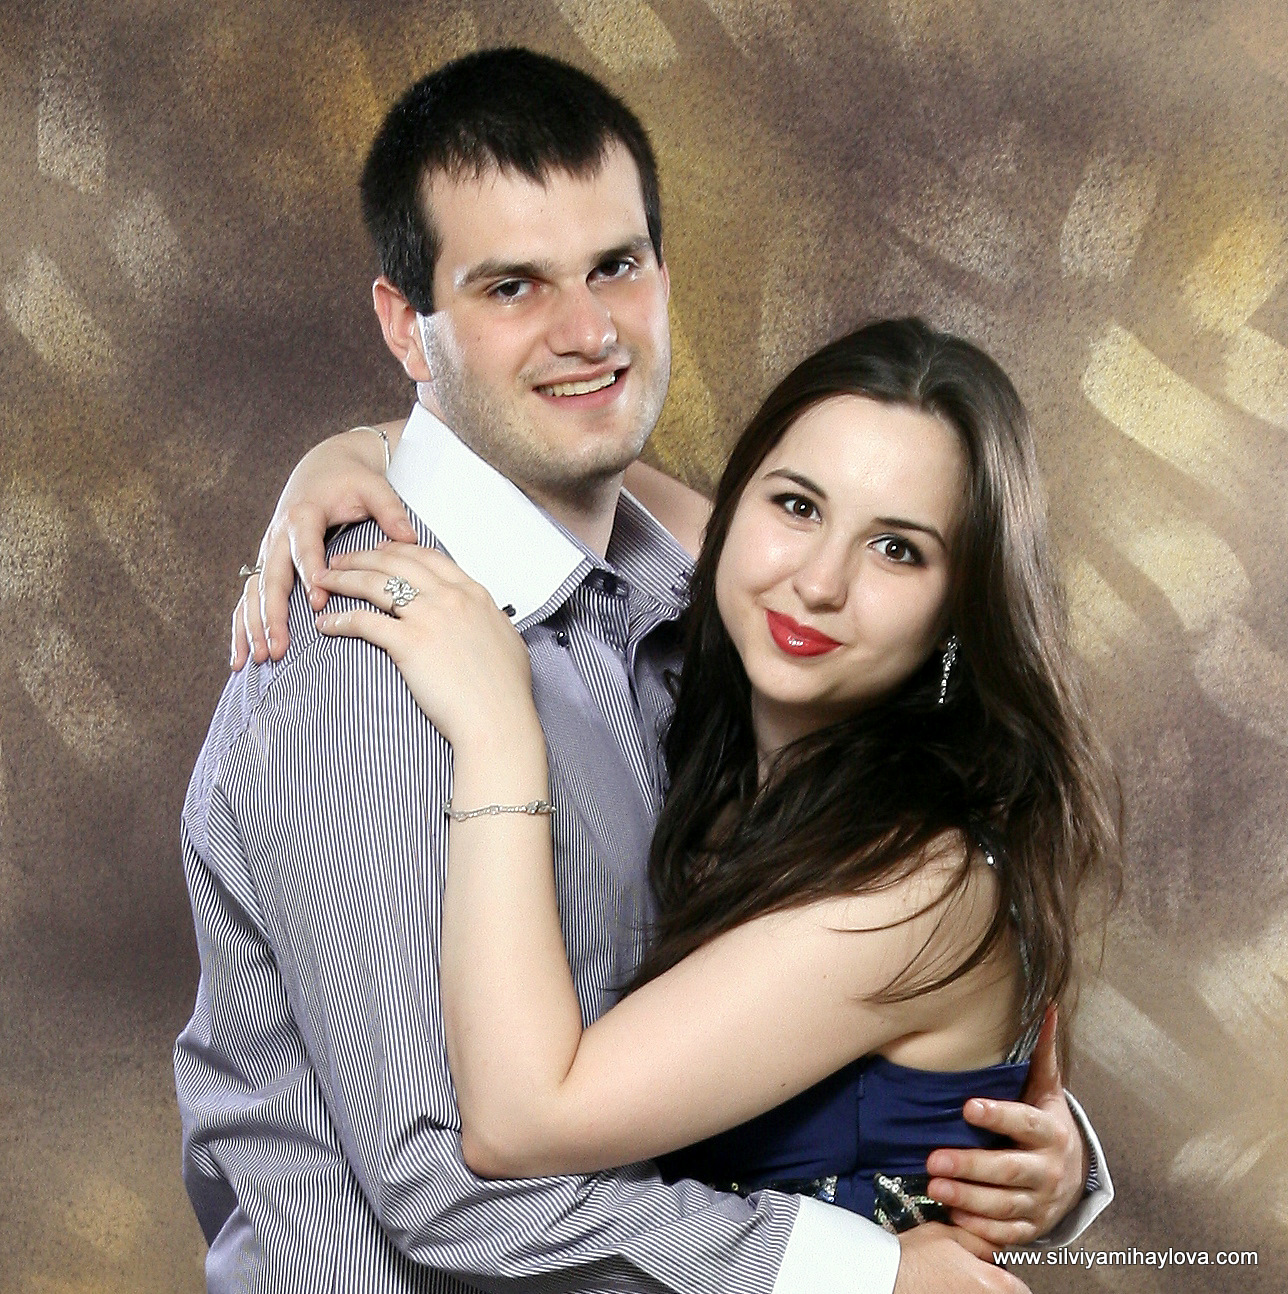 Kyosev-Mihaylova4.JPG